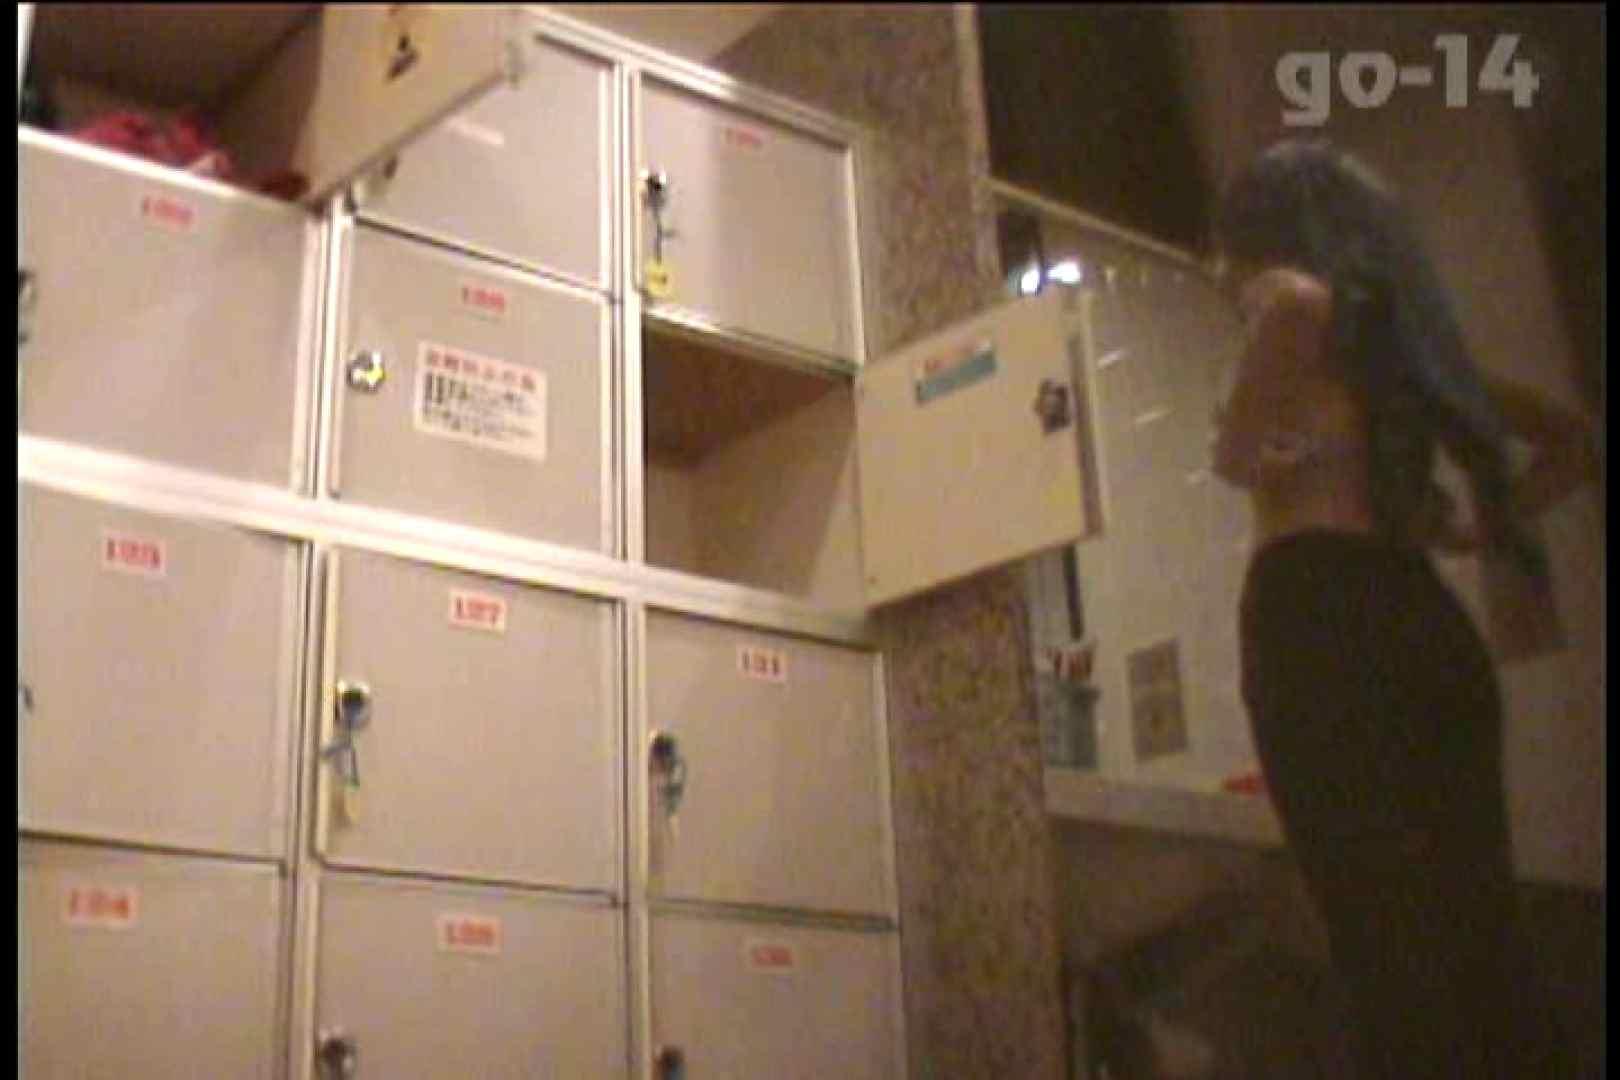 電波カメラ設置浴場からの防HAN映像 Vol.14 高評価 オメコ動画キャプチャ 93枚 24